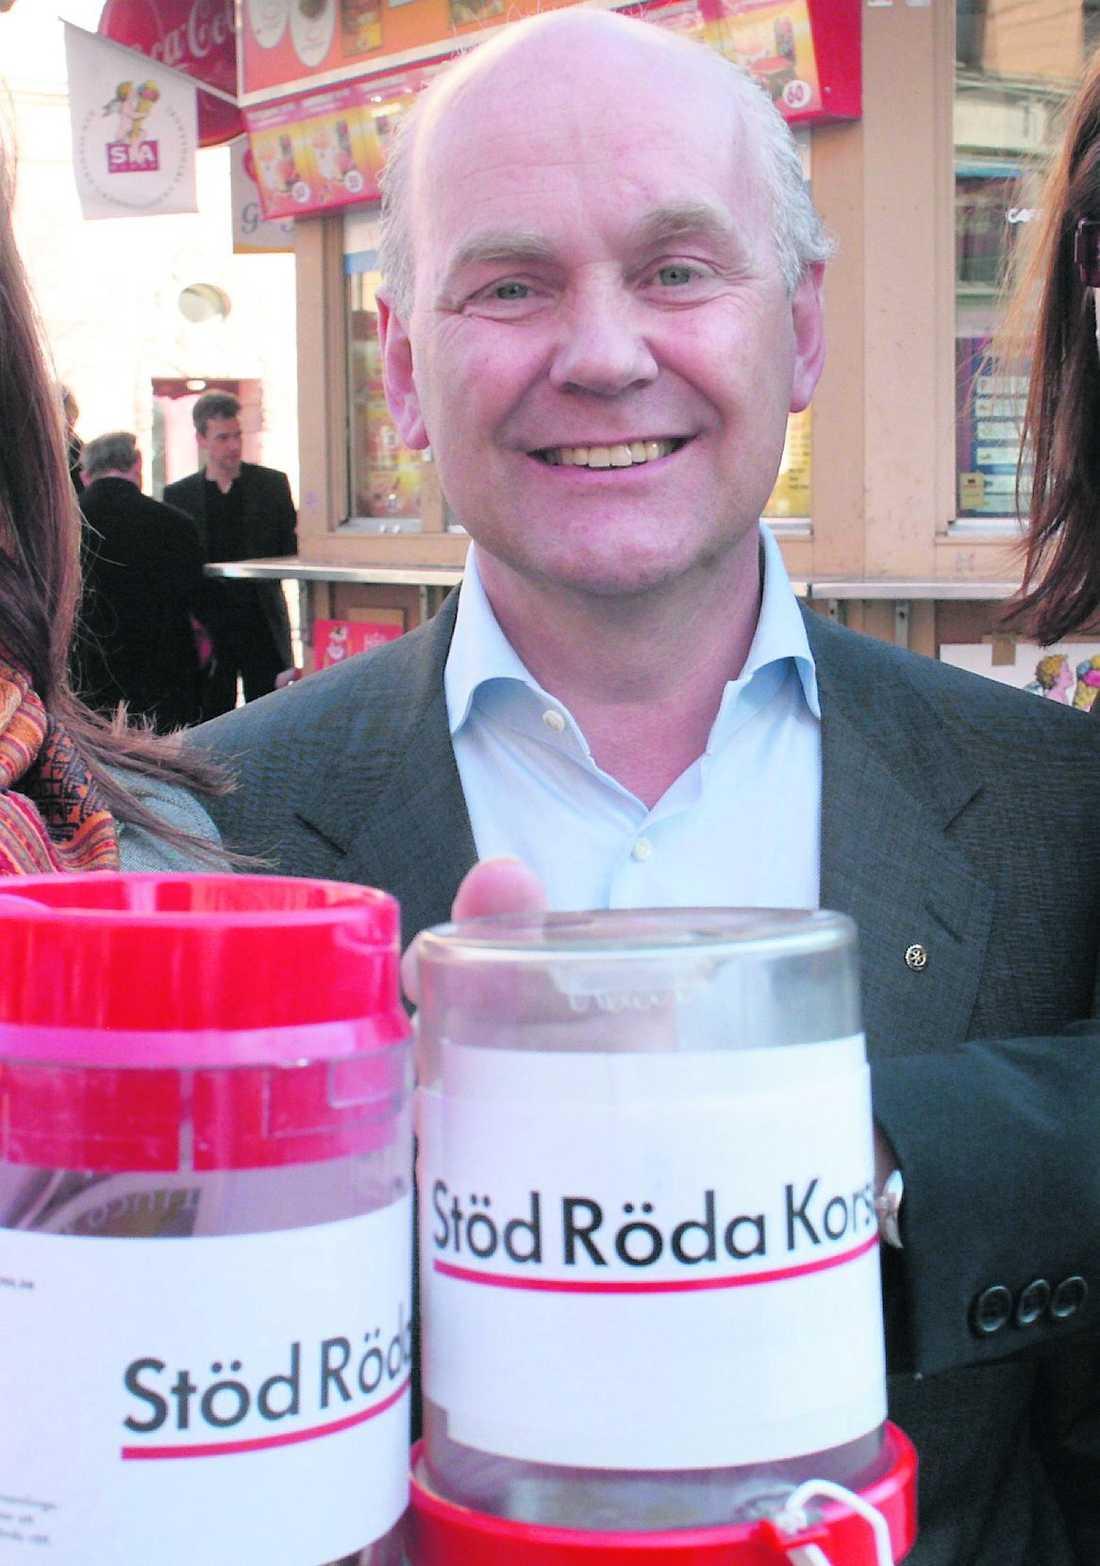 Misstänks Johan af Donner sparkades som kommunikationschef på Röda korset efter misstankar om att han svindlat organisationen på mångmiljonbelopp. Nu riskerar han flera års fängelse.